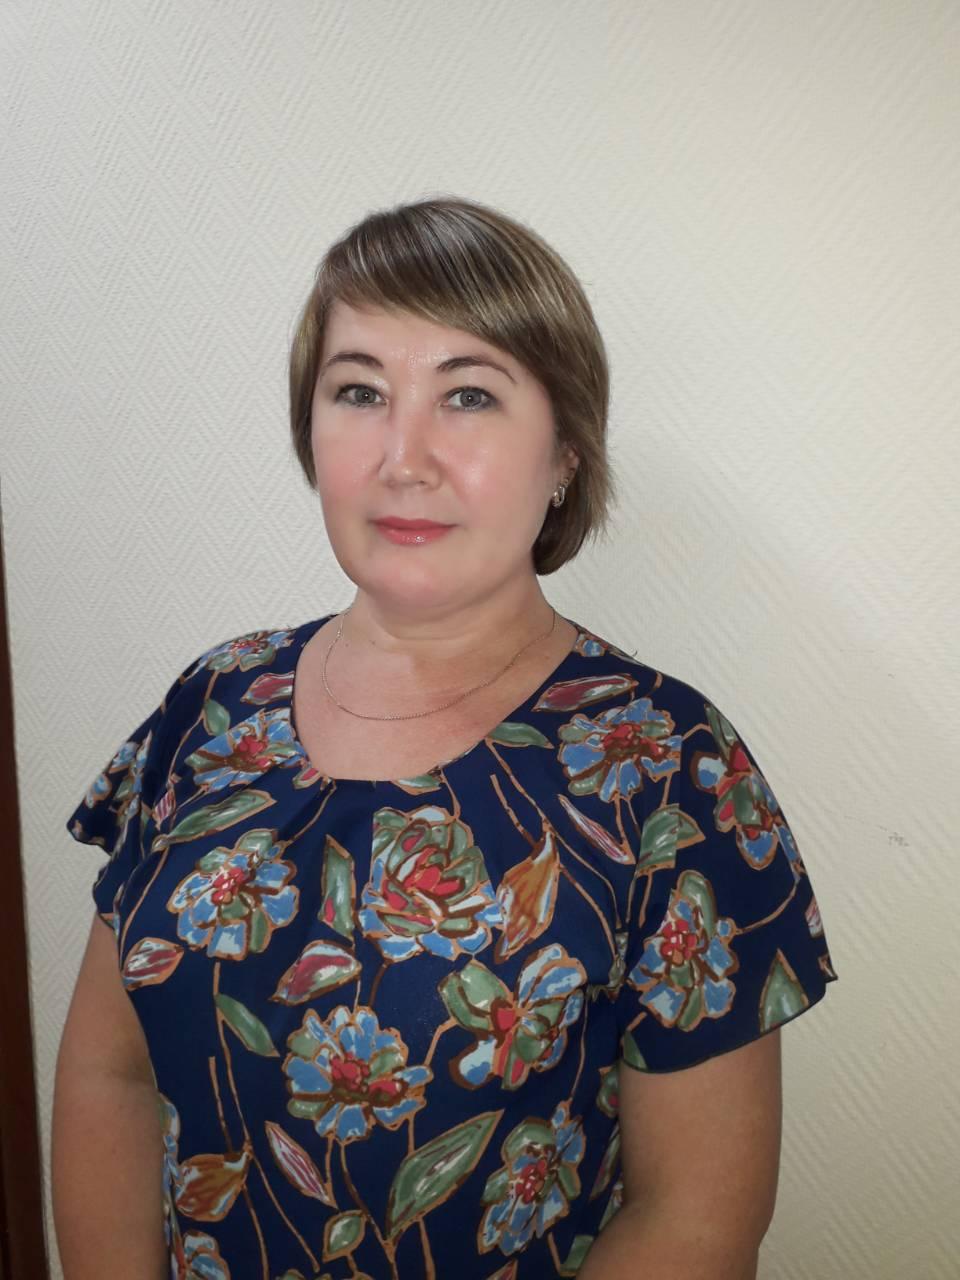 Заместитель заведующего консультативным отделением Байдимирова Светлана Сергеевна